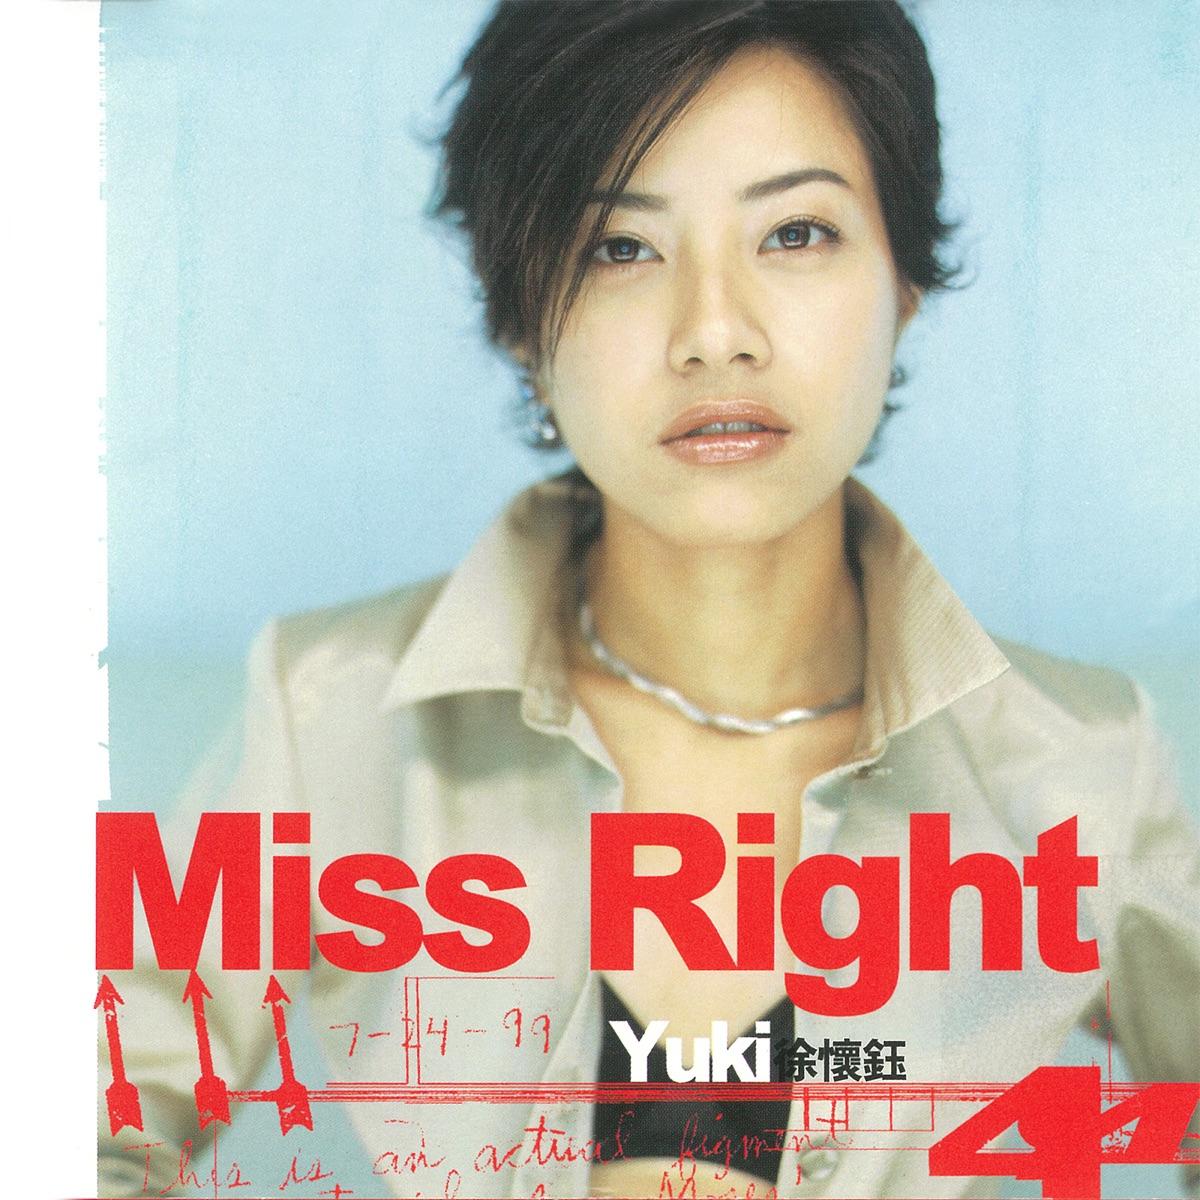 Watch Yuki Hsu video